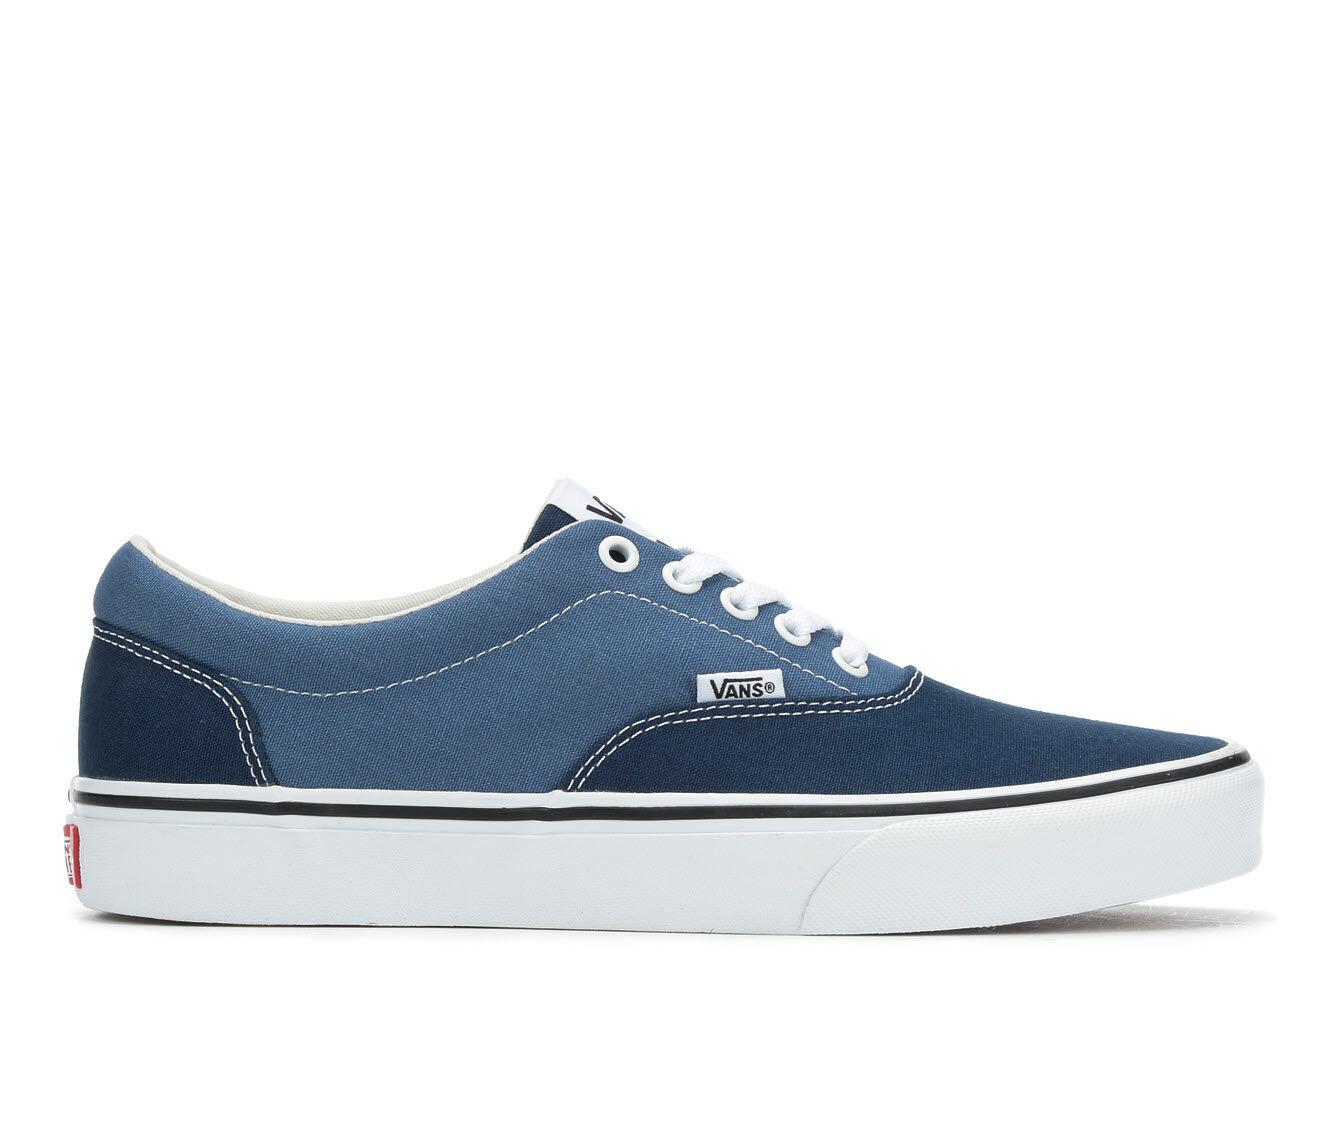 Men's Vans Doheny Skate Shoes Blue/Navy